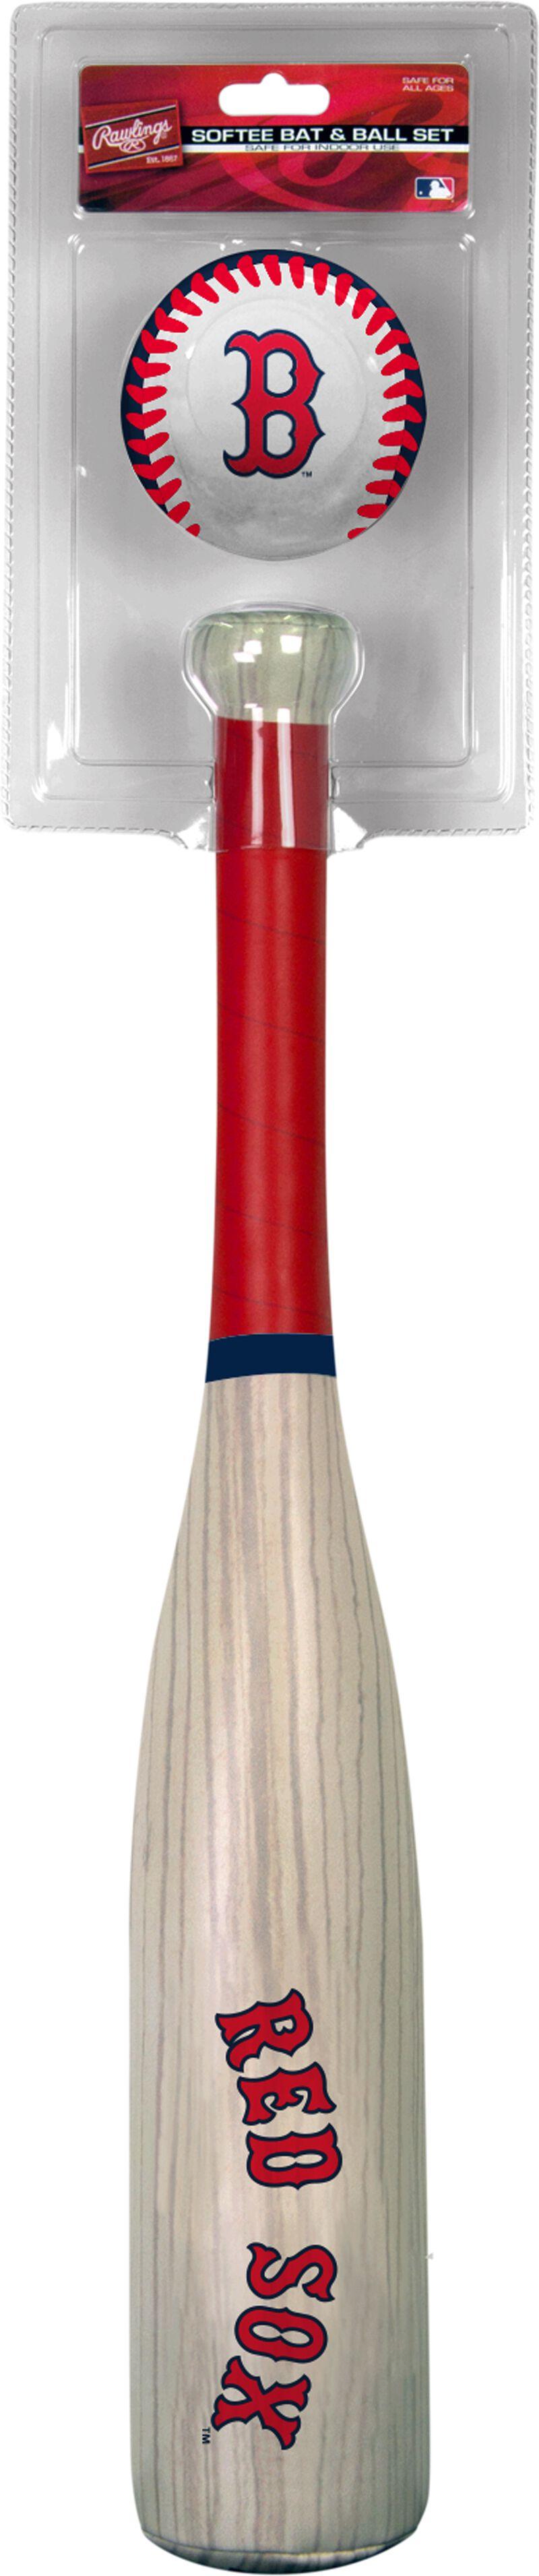 MLB Boston Red Sox Bat and Ball Set